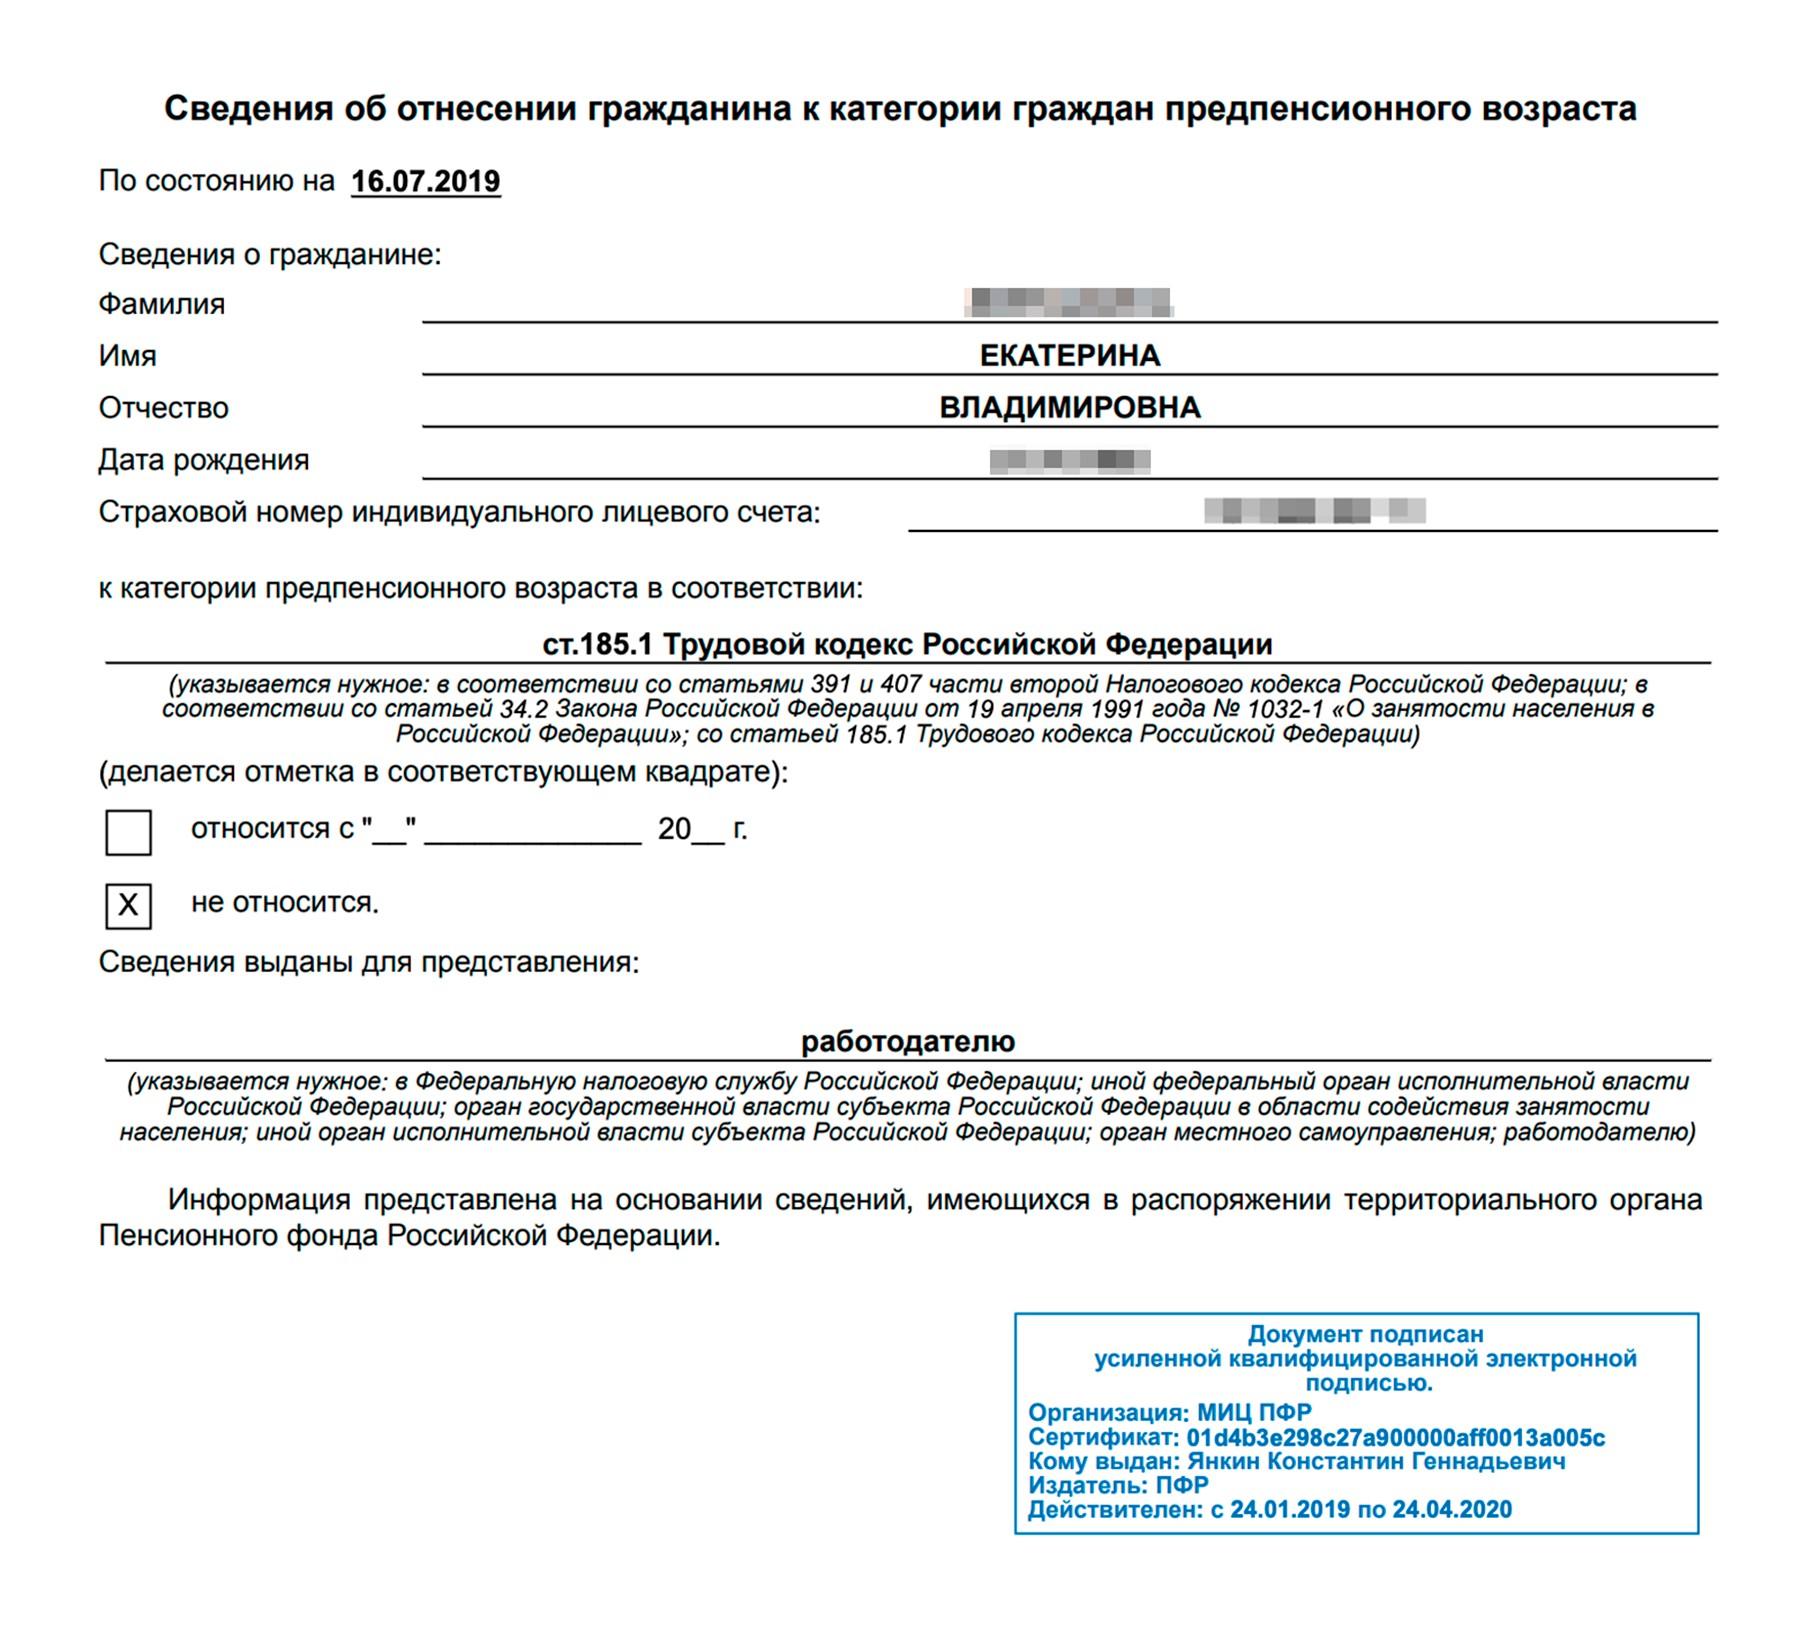 Справка о статусе предпенсионного возраста как получить казахстанскую пенсию в россии